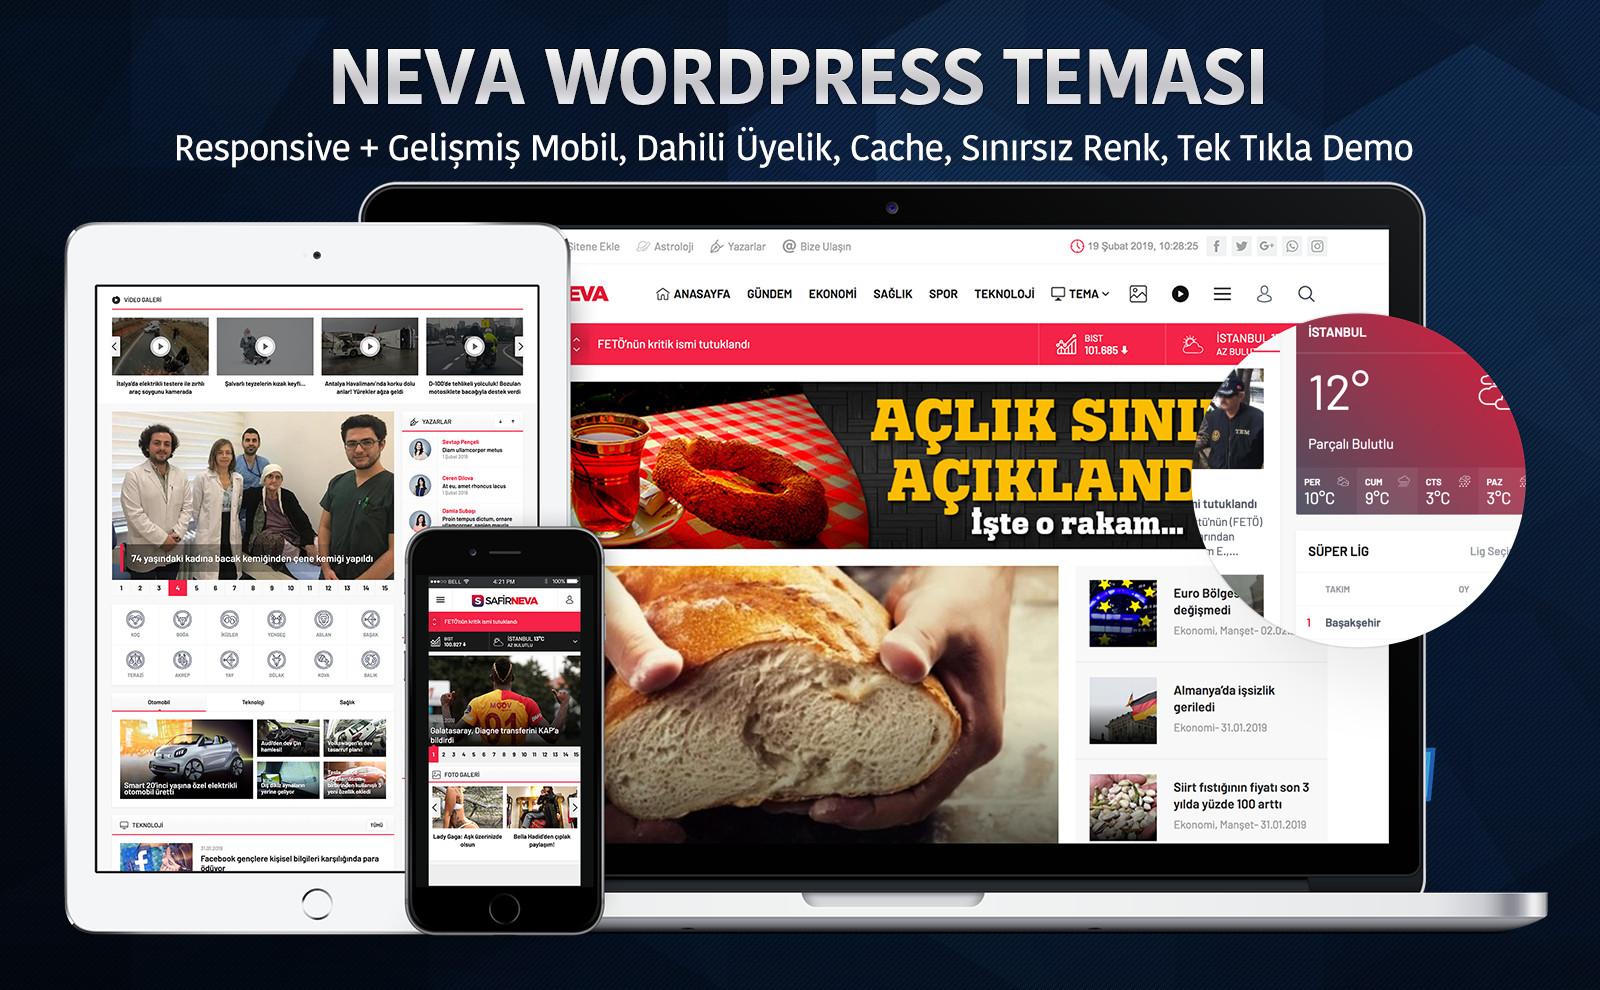 Safir Neva WordPress Teması